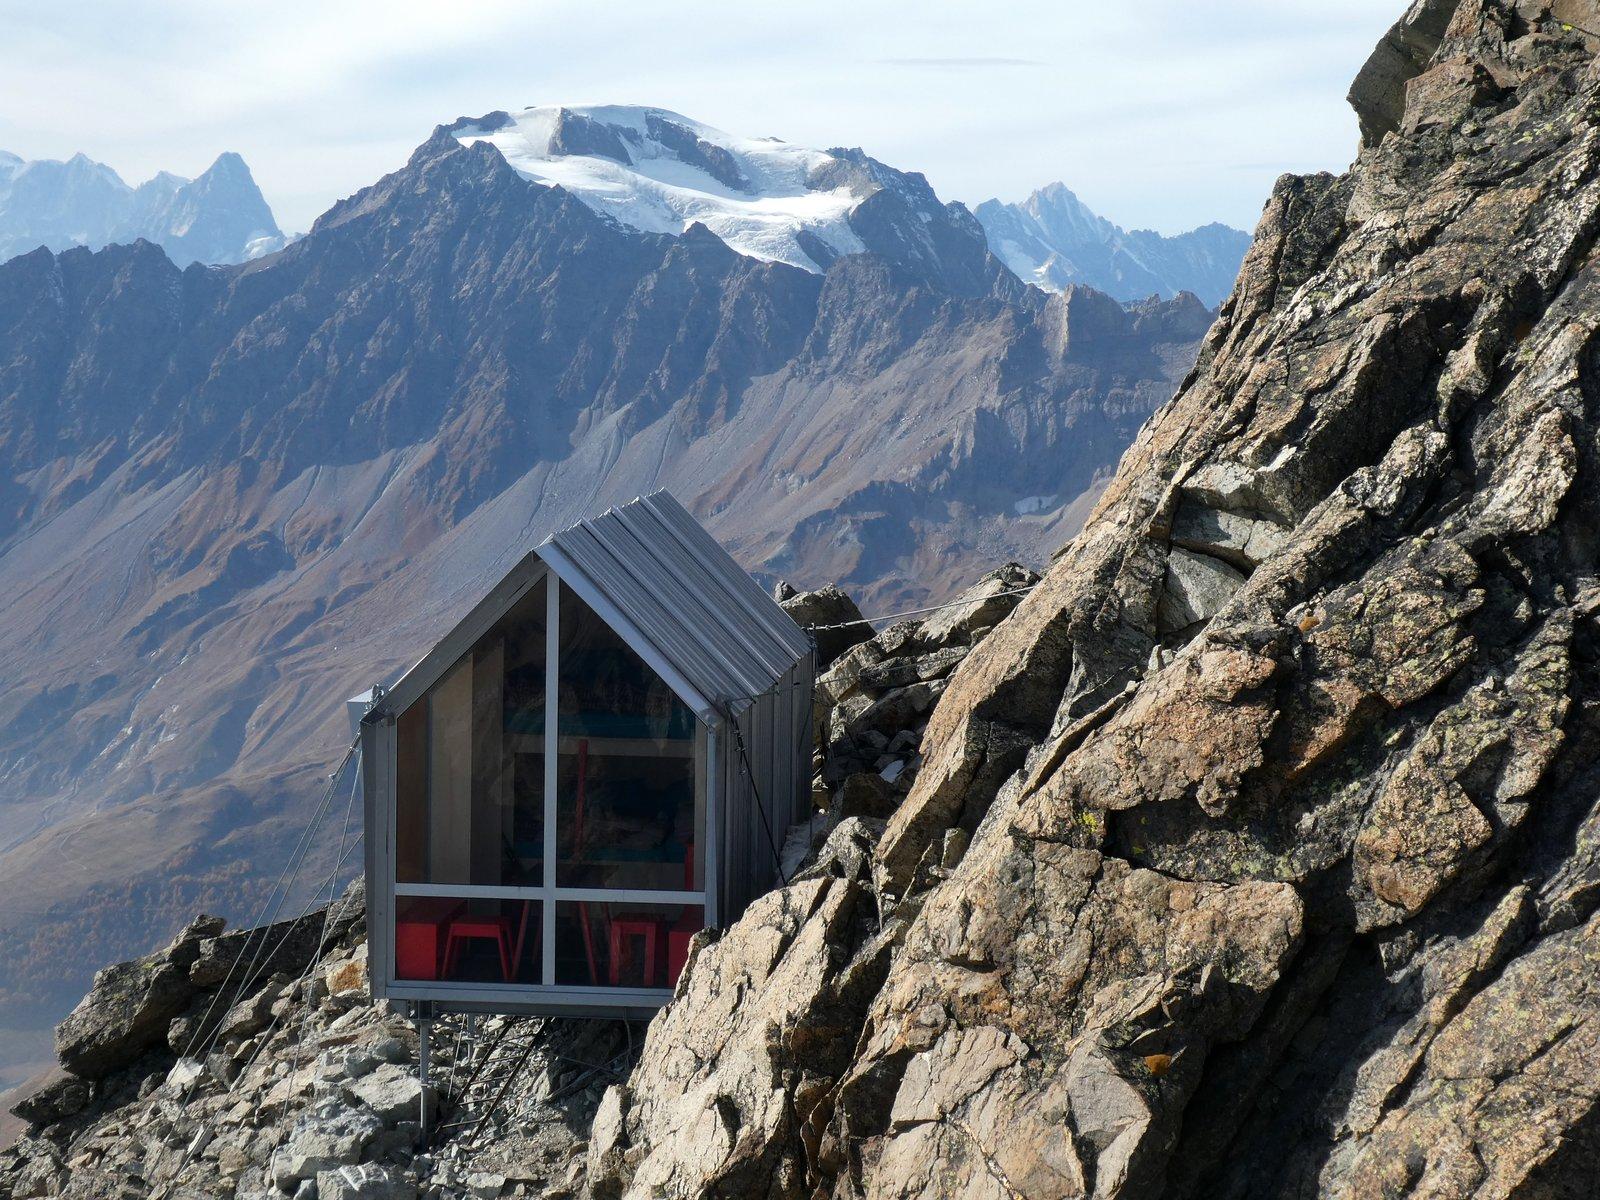 Bivacco Luca Pasqualetti al Morian exterior with alpine views